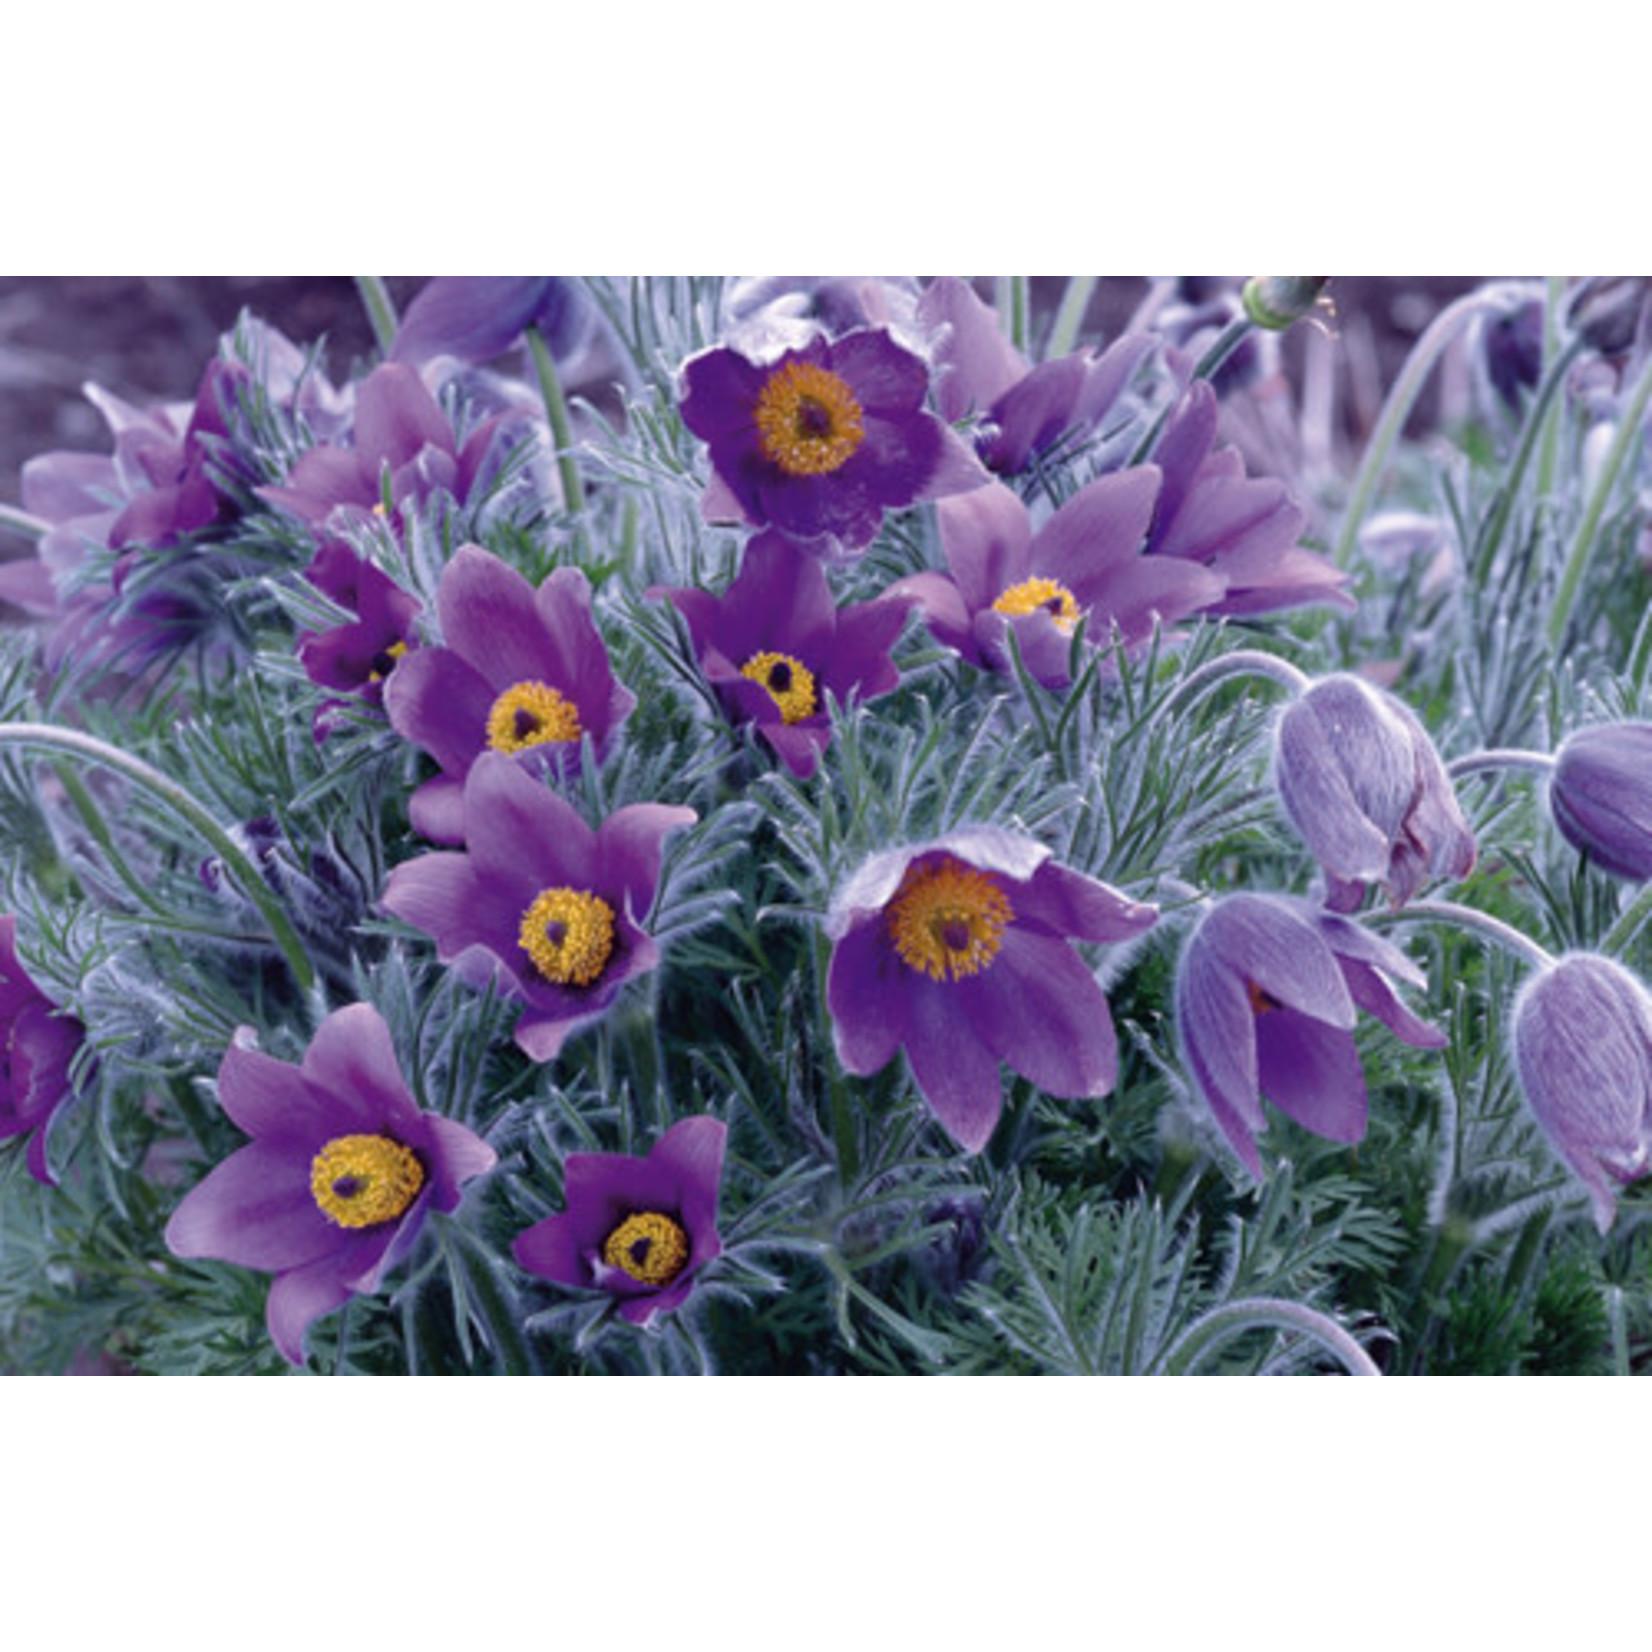 Pulsatilla vulgaris 'violet bells' 1 gal